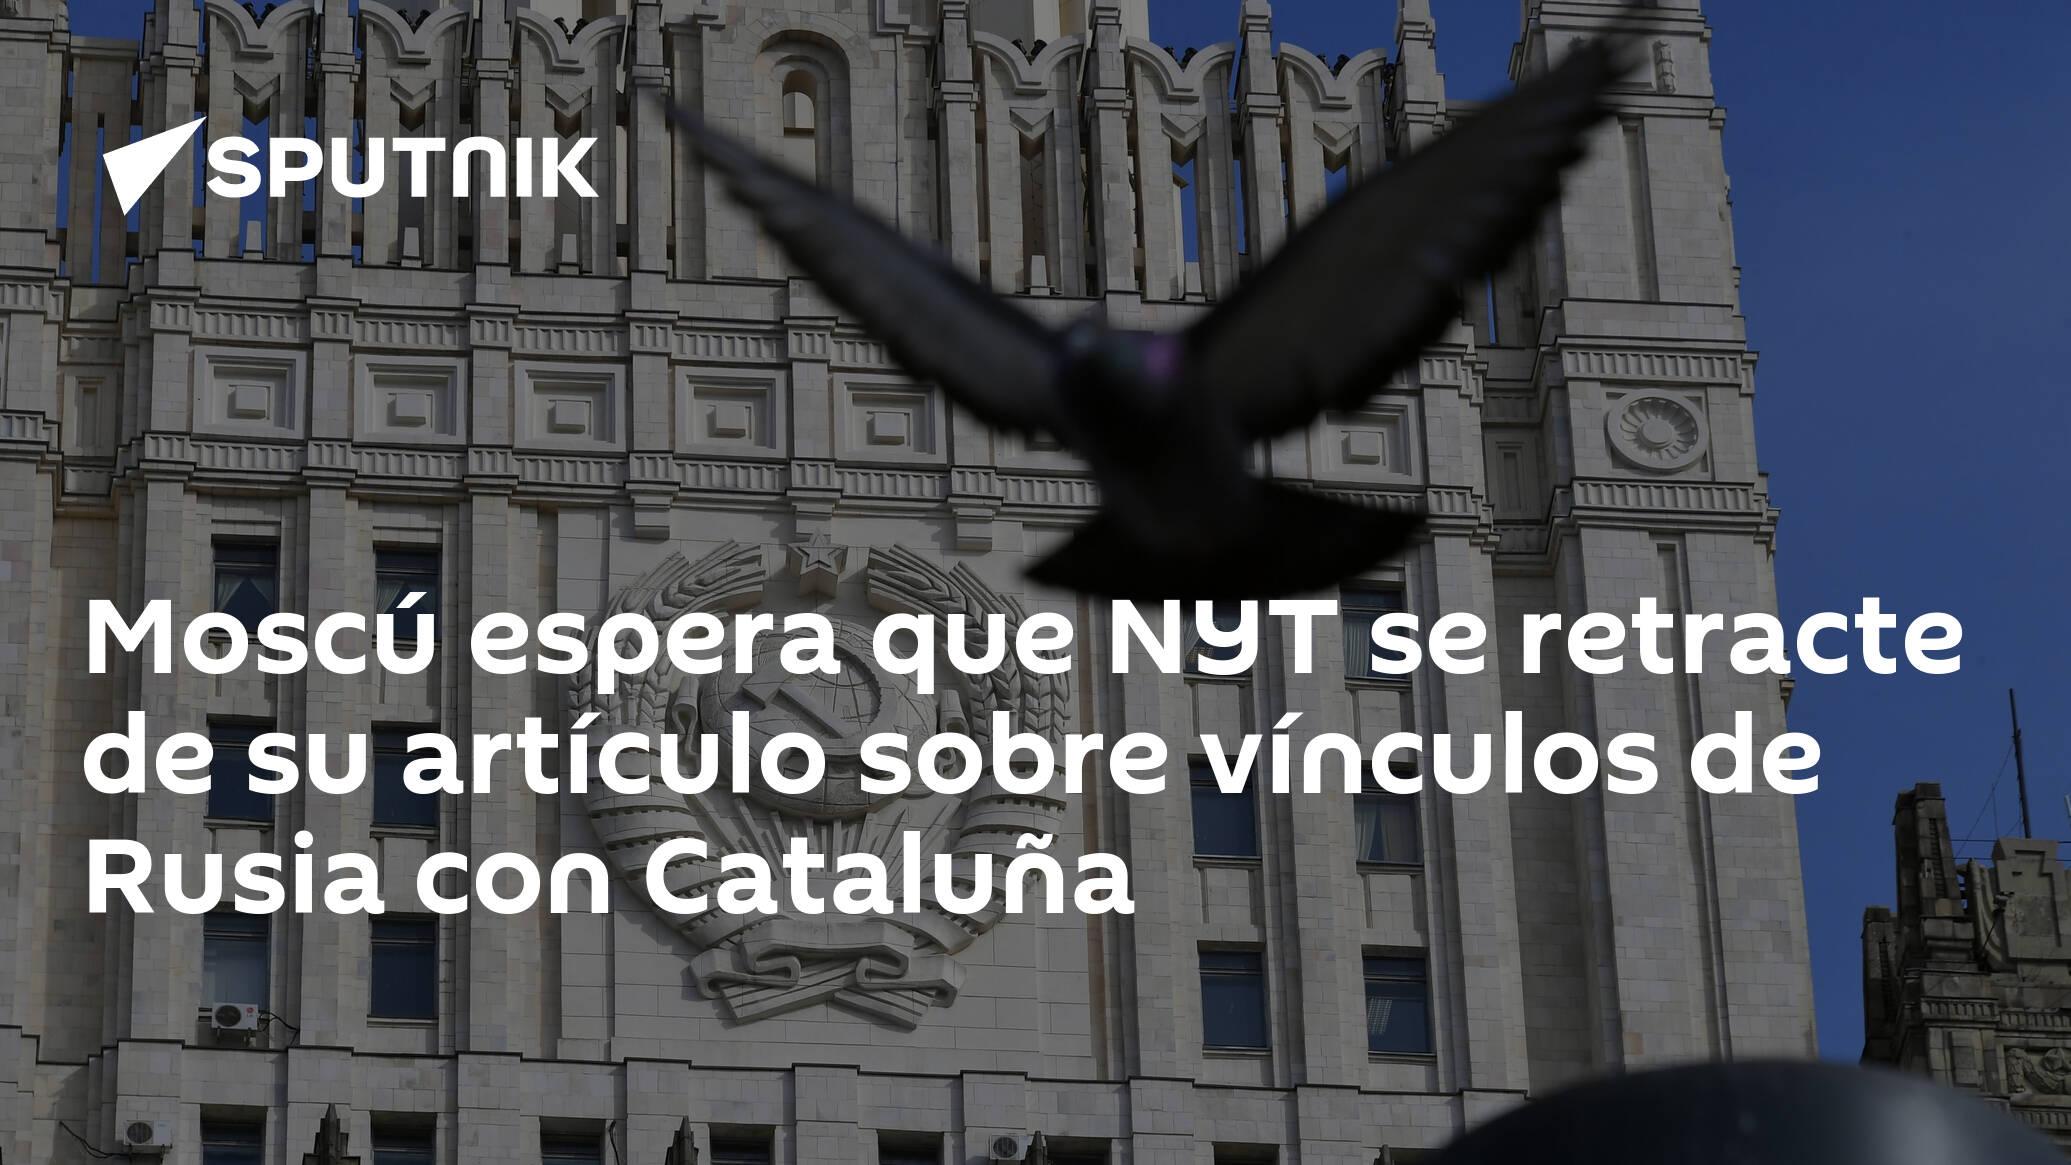 Moscú espera que NYT se retracte de su artículo sobre vínculos de Rusia con Cataluña